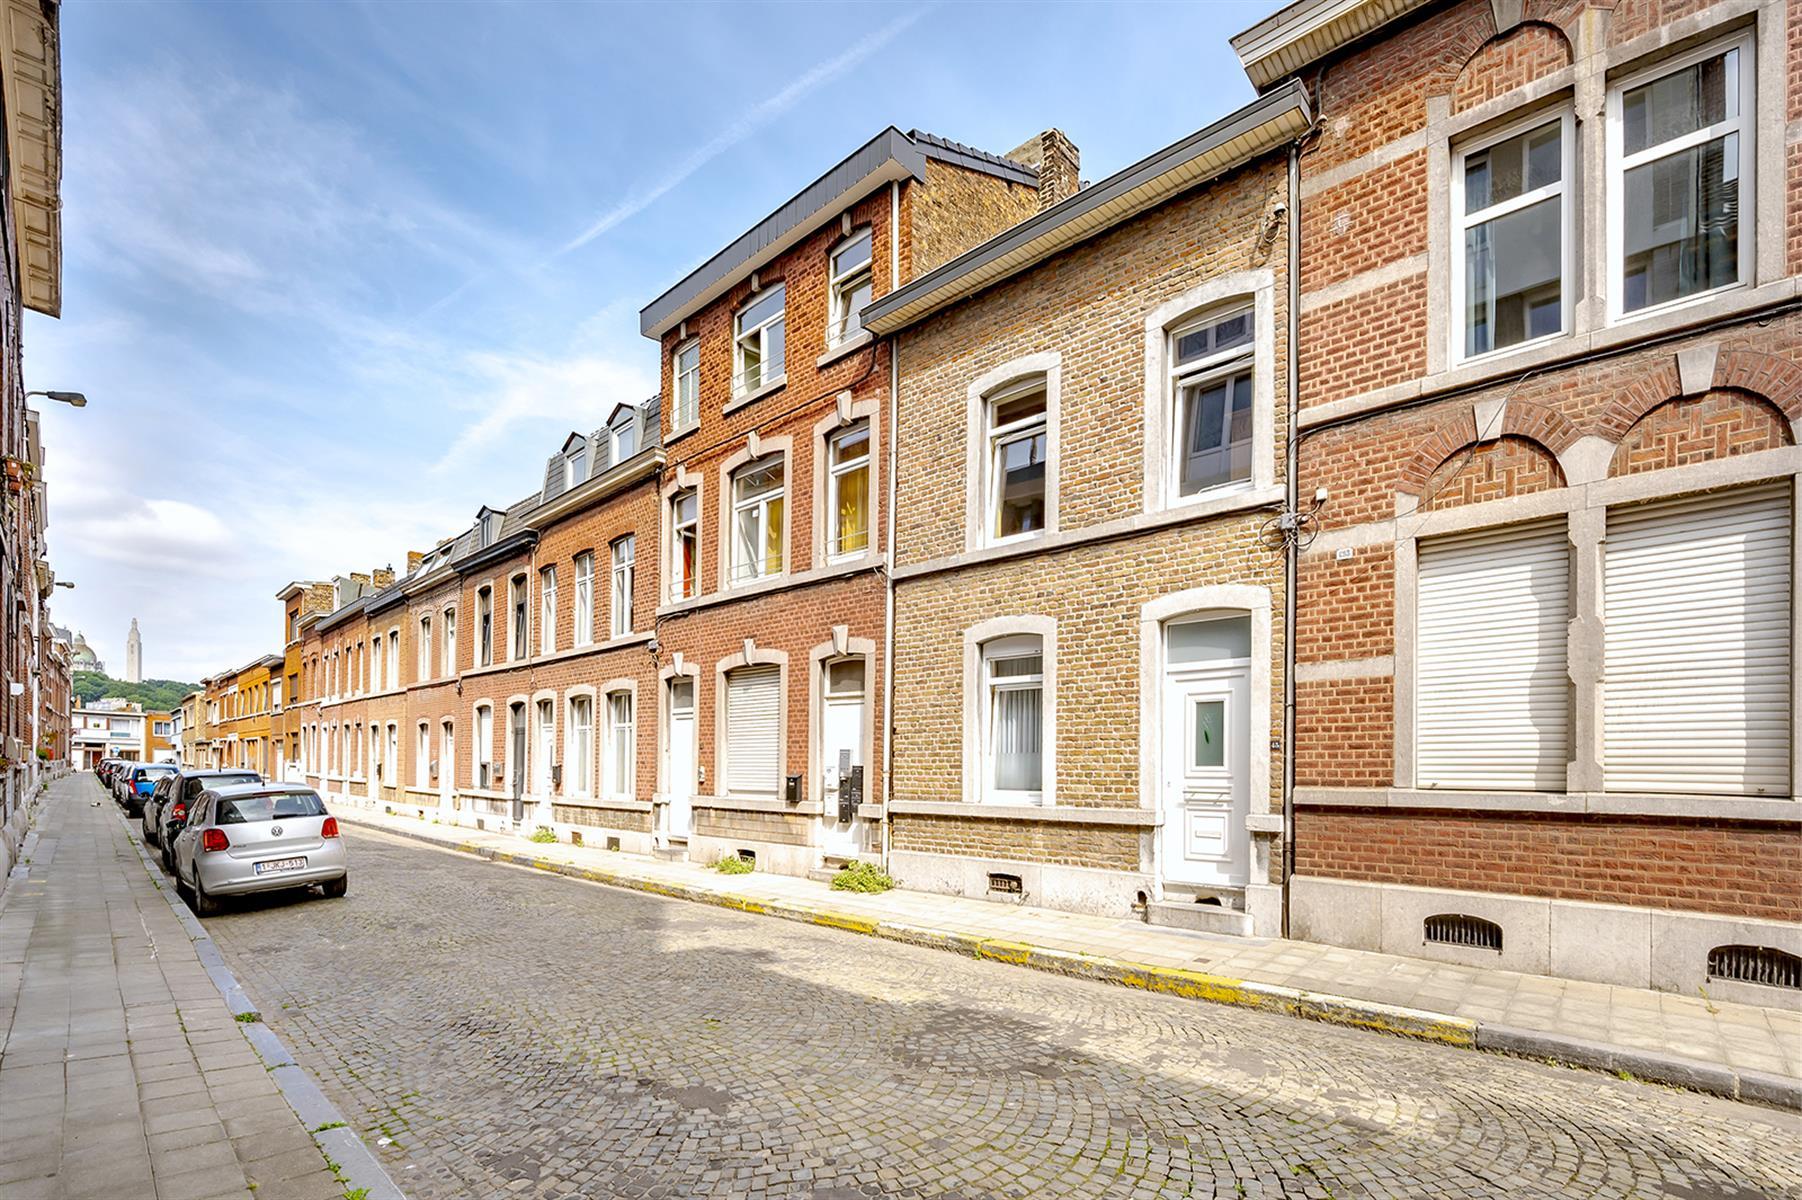 Maison - Liege - #3844214-1